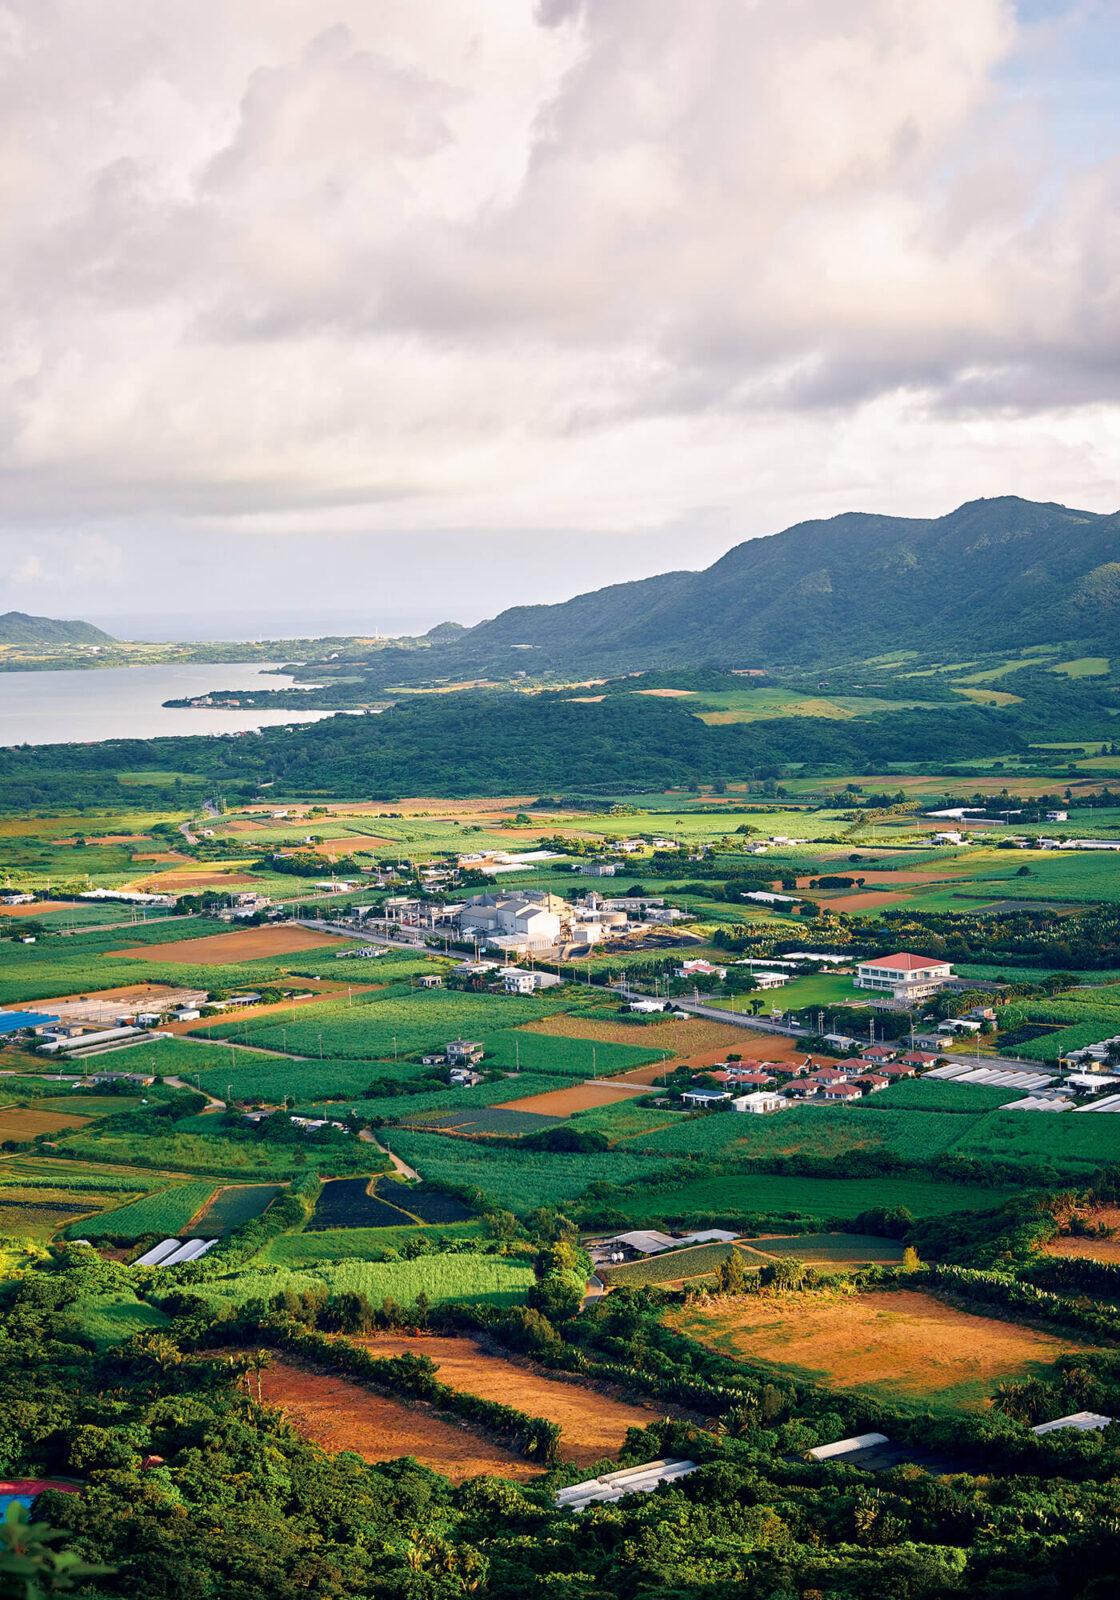 〈南の島の展望台〉から。北に於茂登岳、西側に名蔵湾を望む。海と森に囲まれ、広大なサトウキビ畑が広がる石垣島。昔ながらの伝統文化が息づく島は、自然と人間の暮らしがうまく共存している場所なのだとわかる。